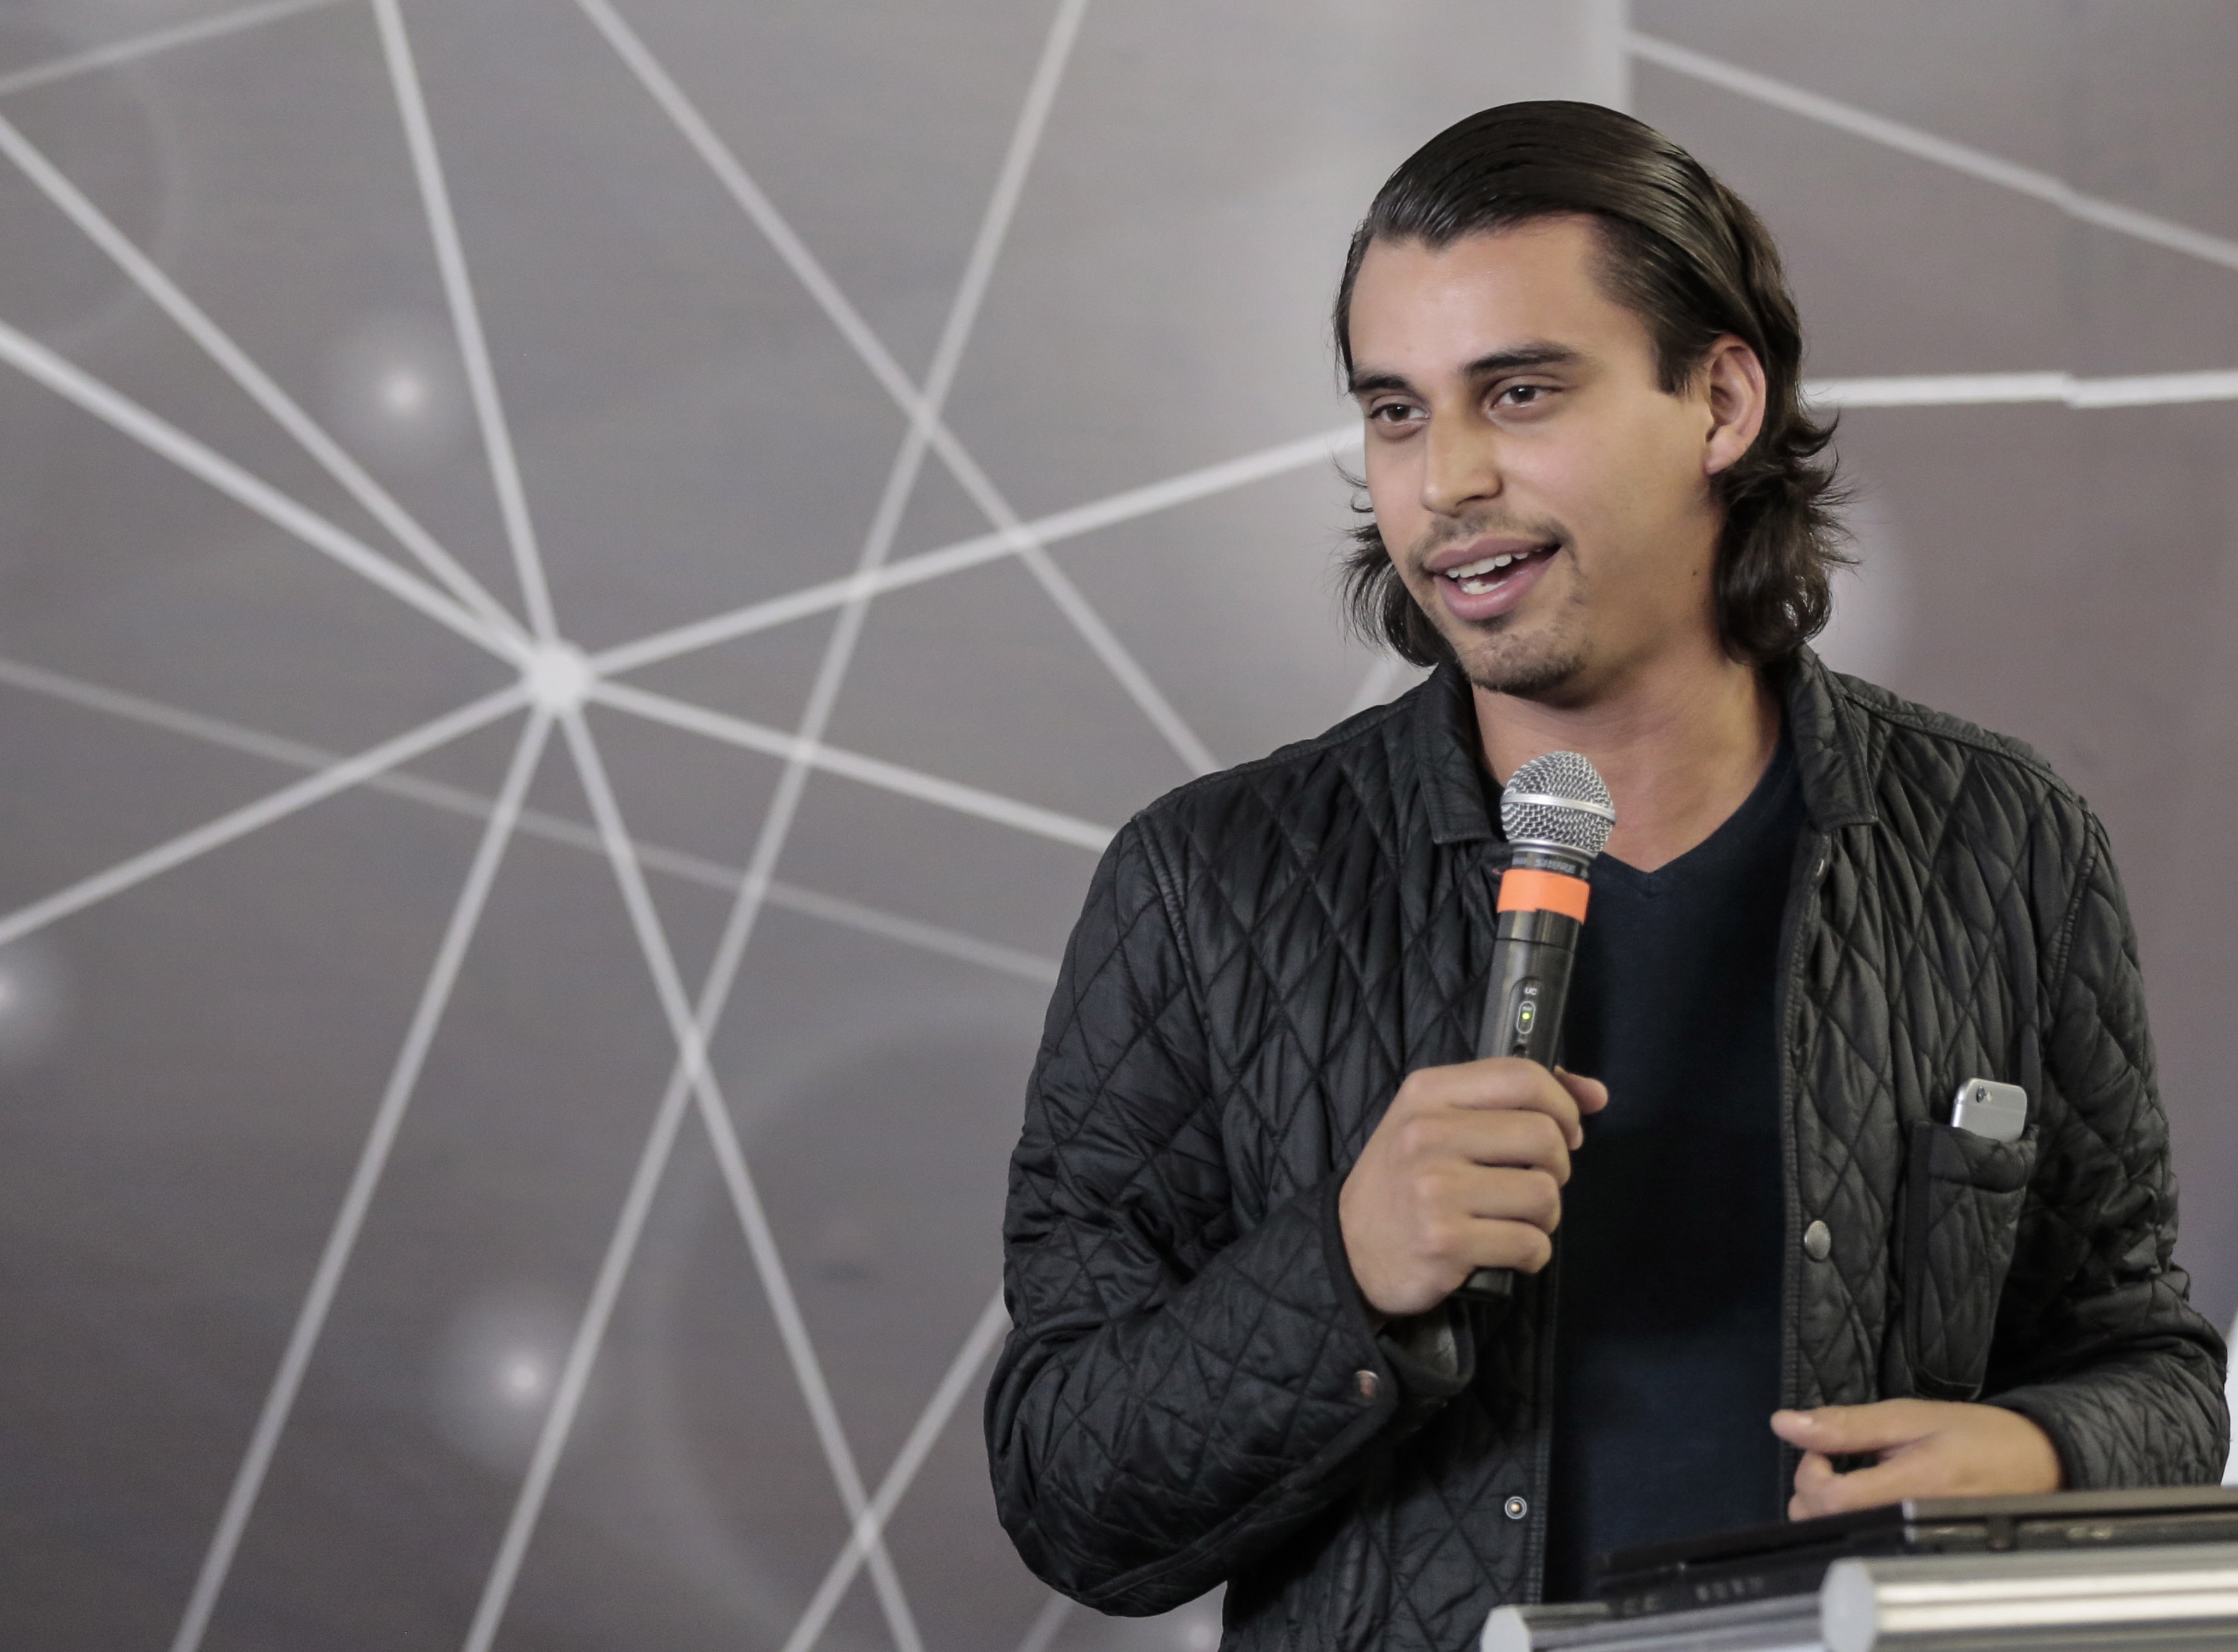 Daniel Gómez Íñiguez, Presidente de Talent Network, con micrófono enmano haciendo uso de la palabra, durante evento.